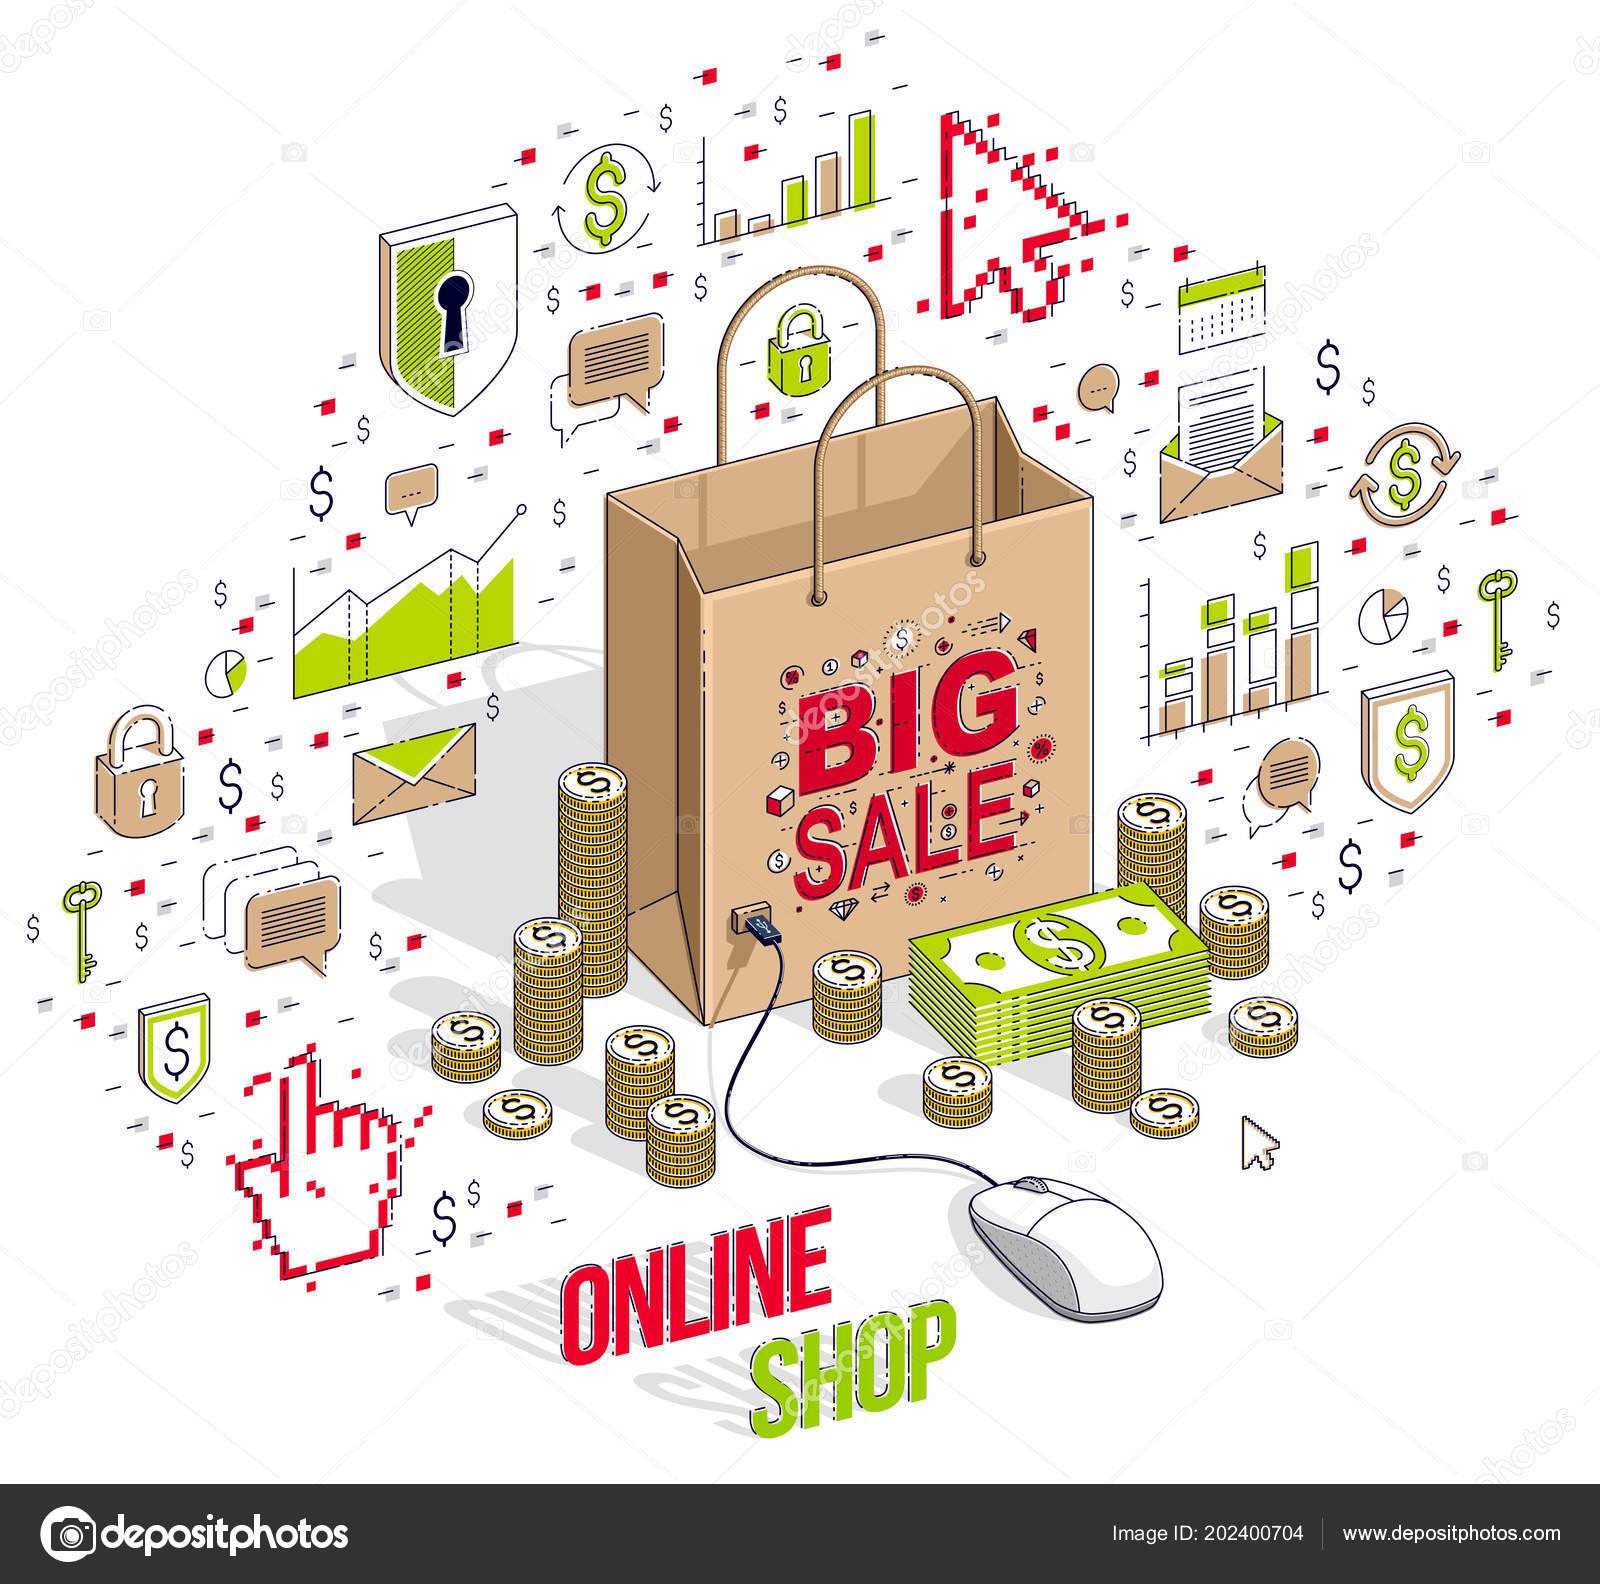 ba1bd24dd4ed Online Κατάστημα Έννοια Ηλεκτρονικό Κατάστημα Πωλήσεις Μέσω ...